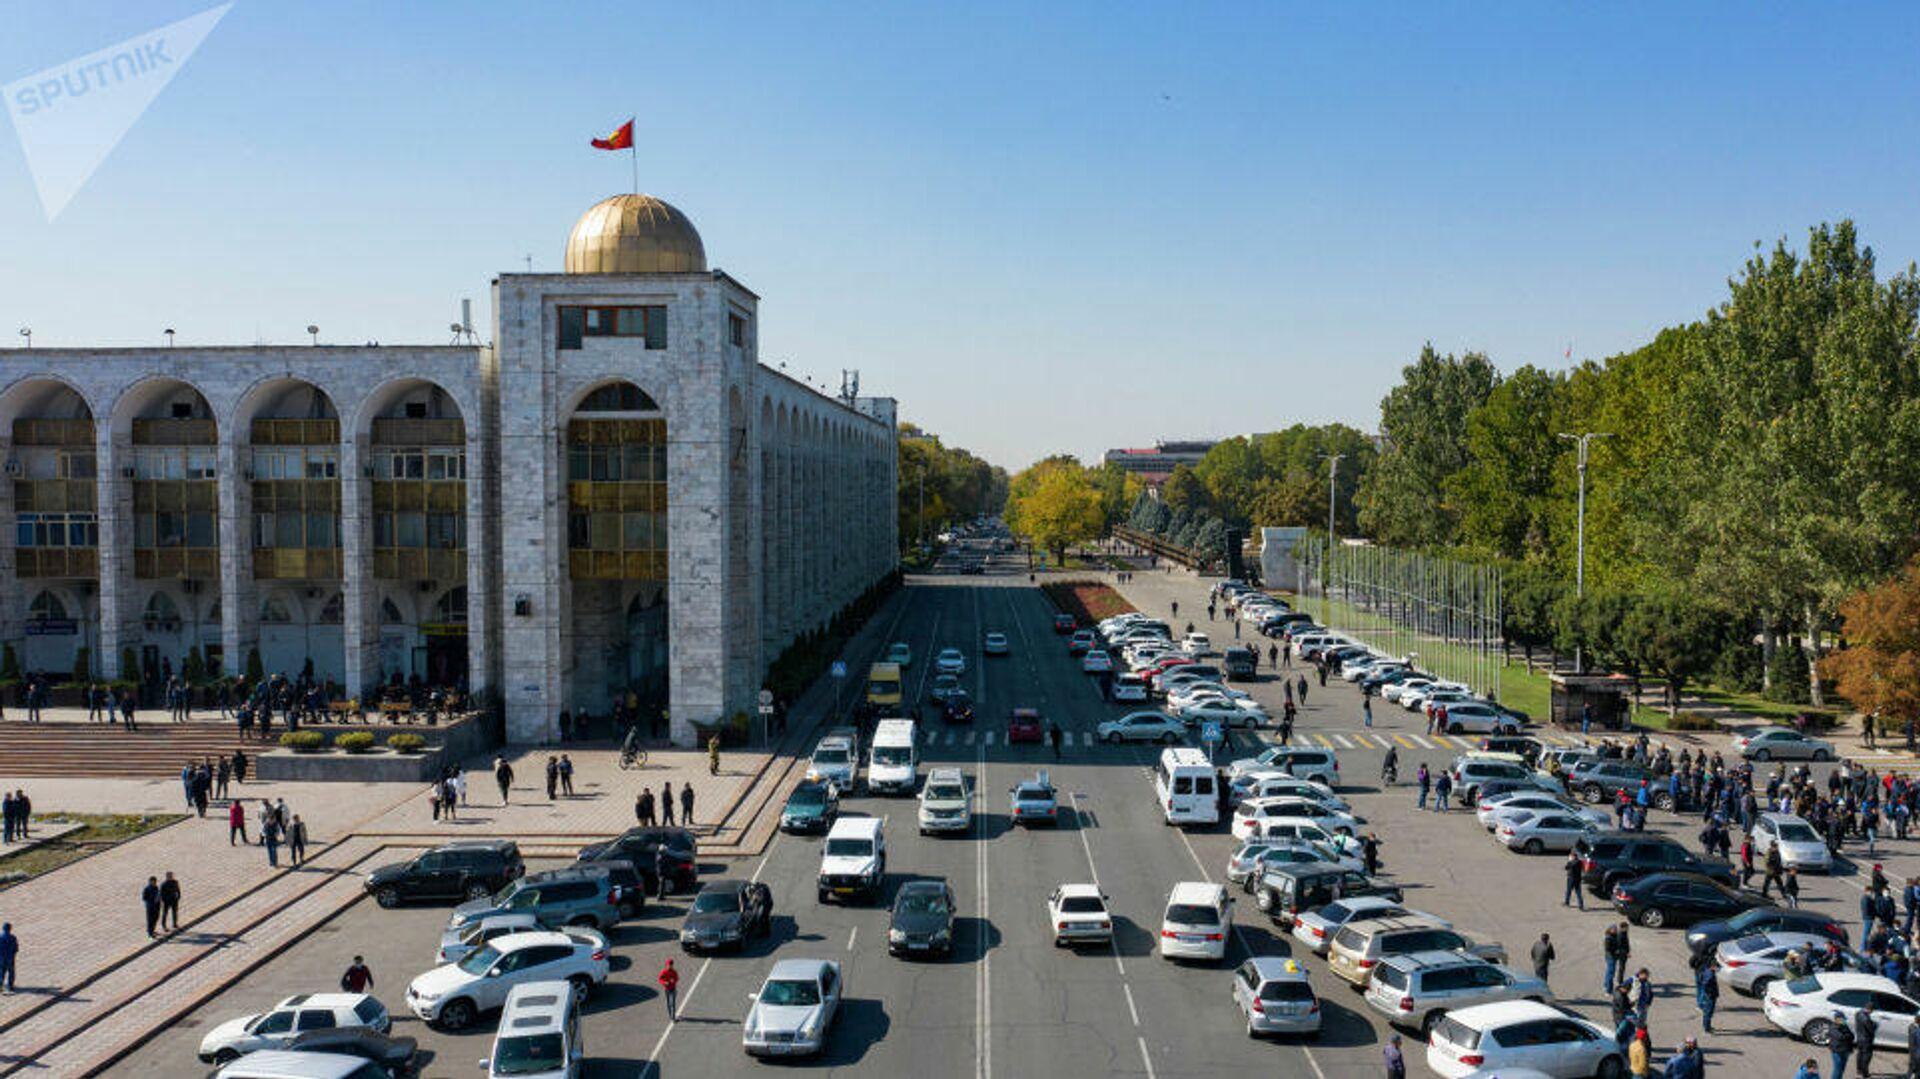 Ситуация в Бишкеке. 8 октября 2020 - РИА Новости, 1920, 23.10.2020